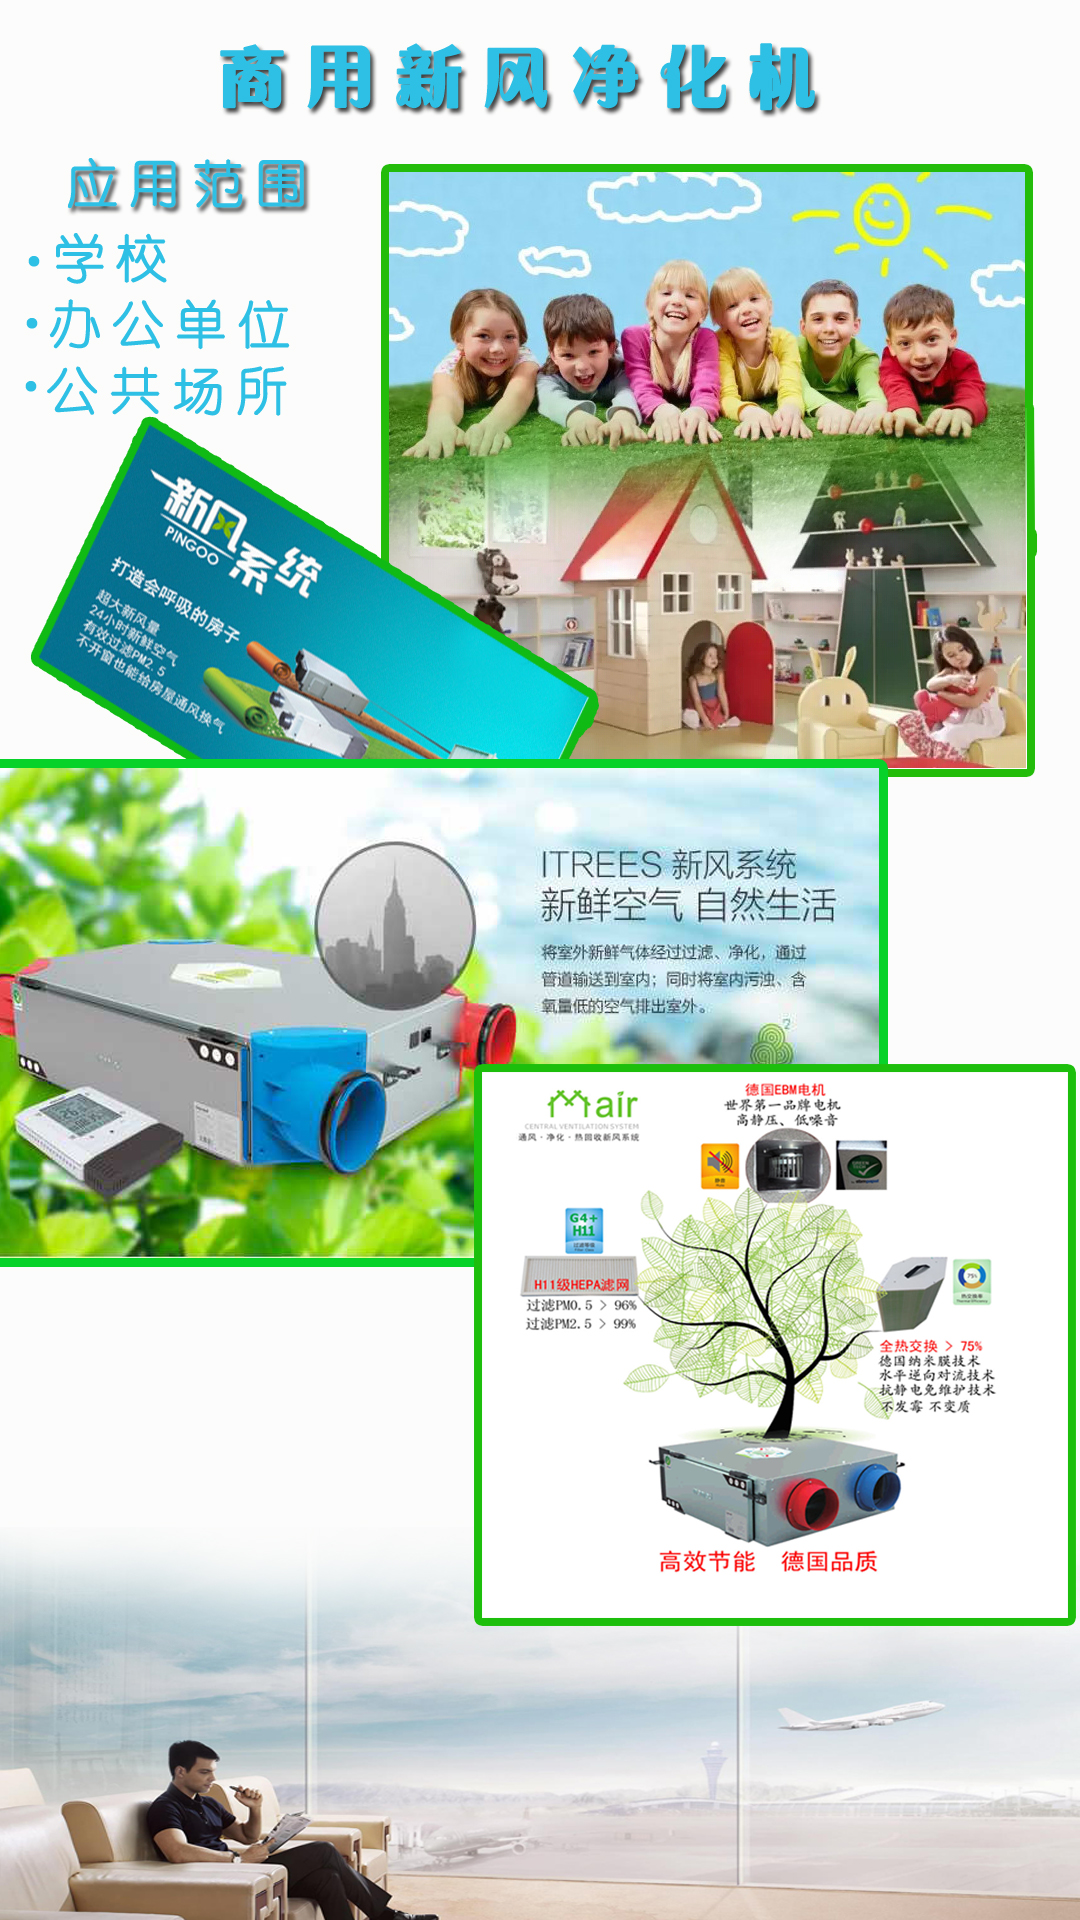 3级产品-商用新风1080×1920-1副本.jpg